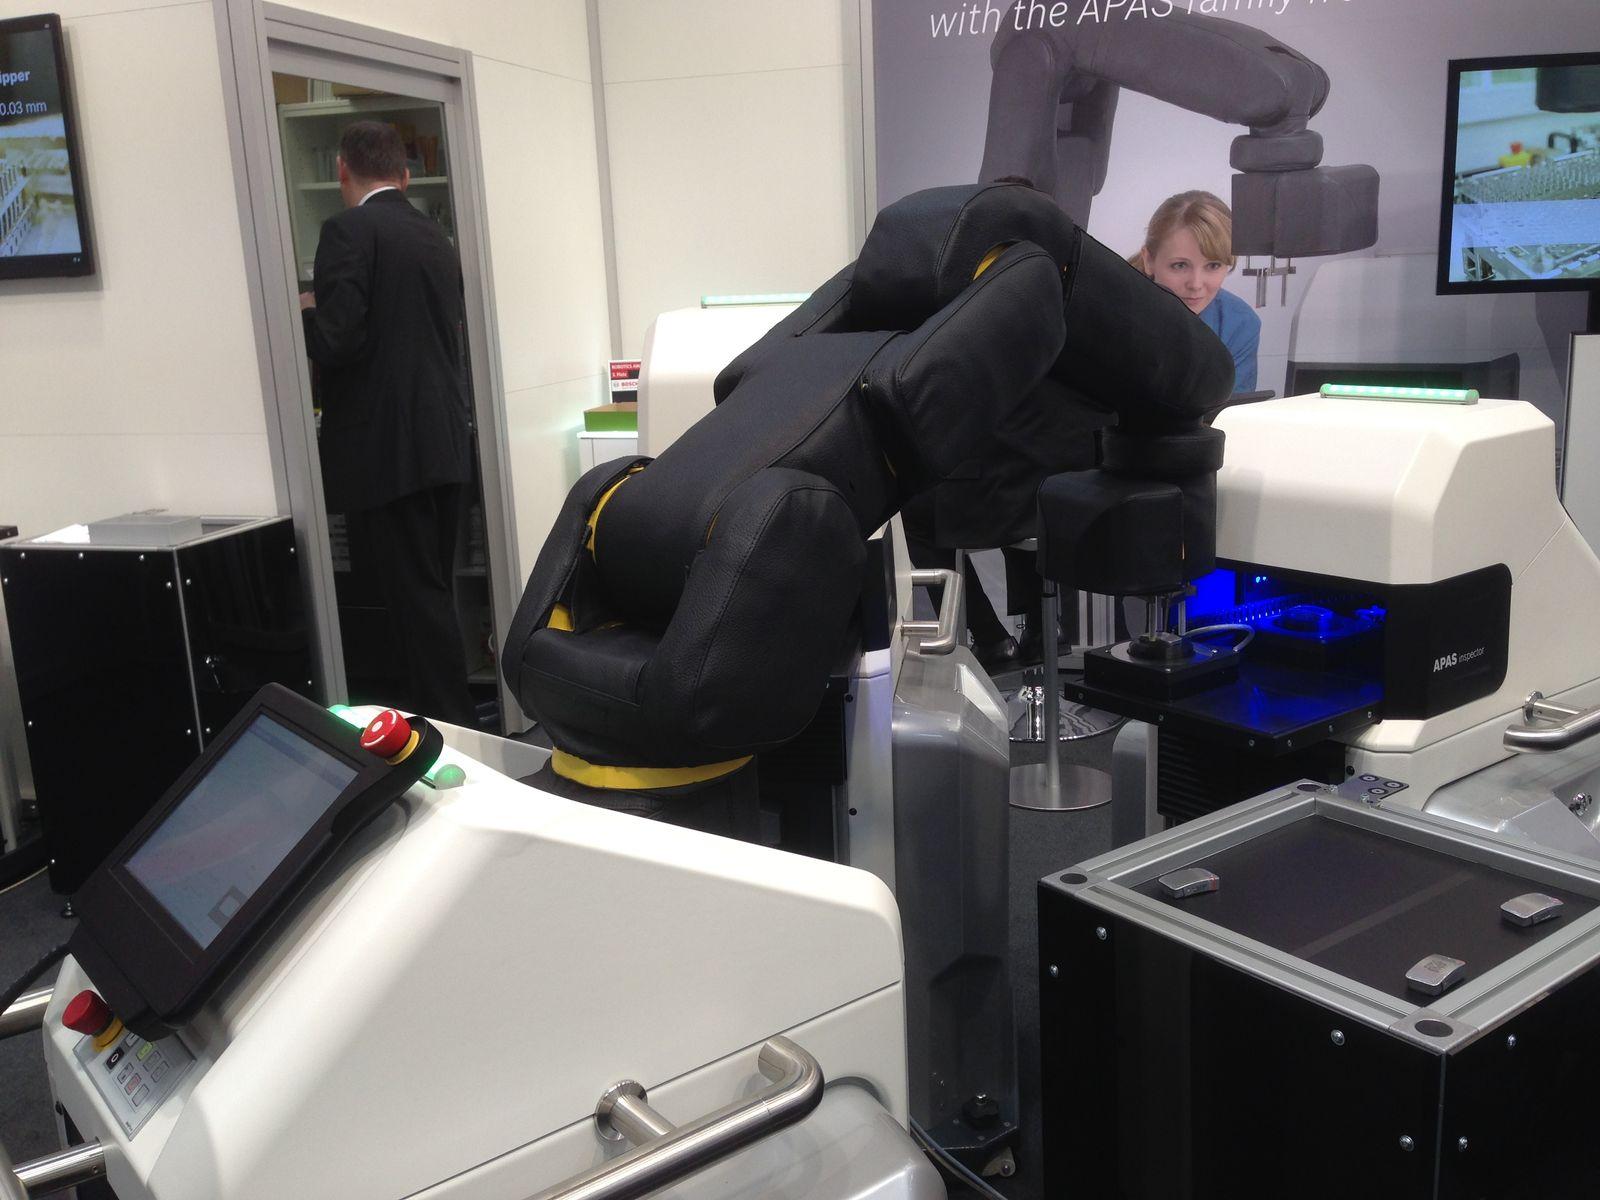 Roboter / Bosch Apas